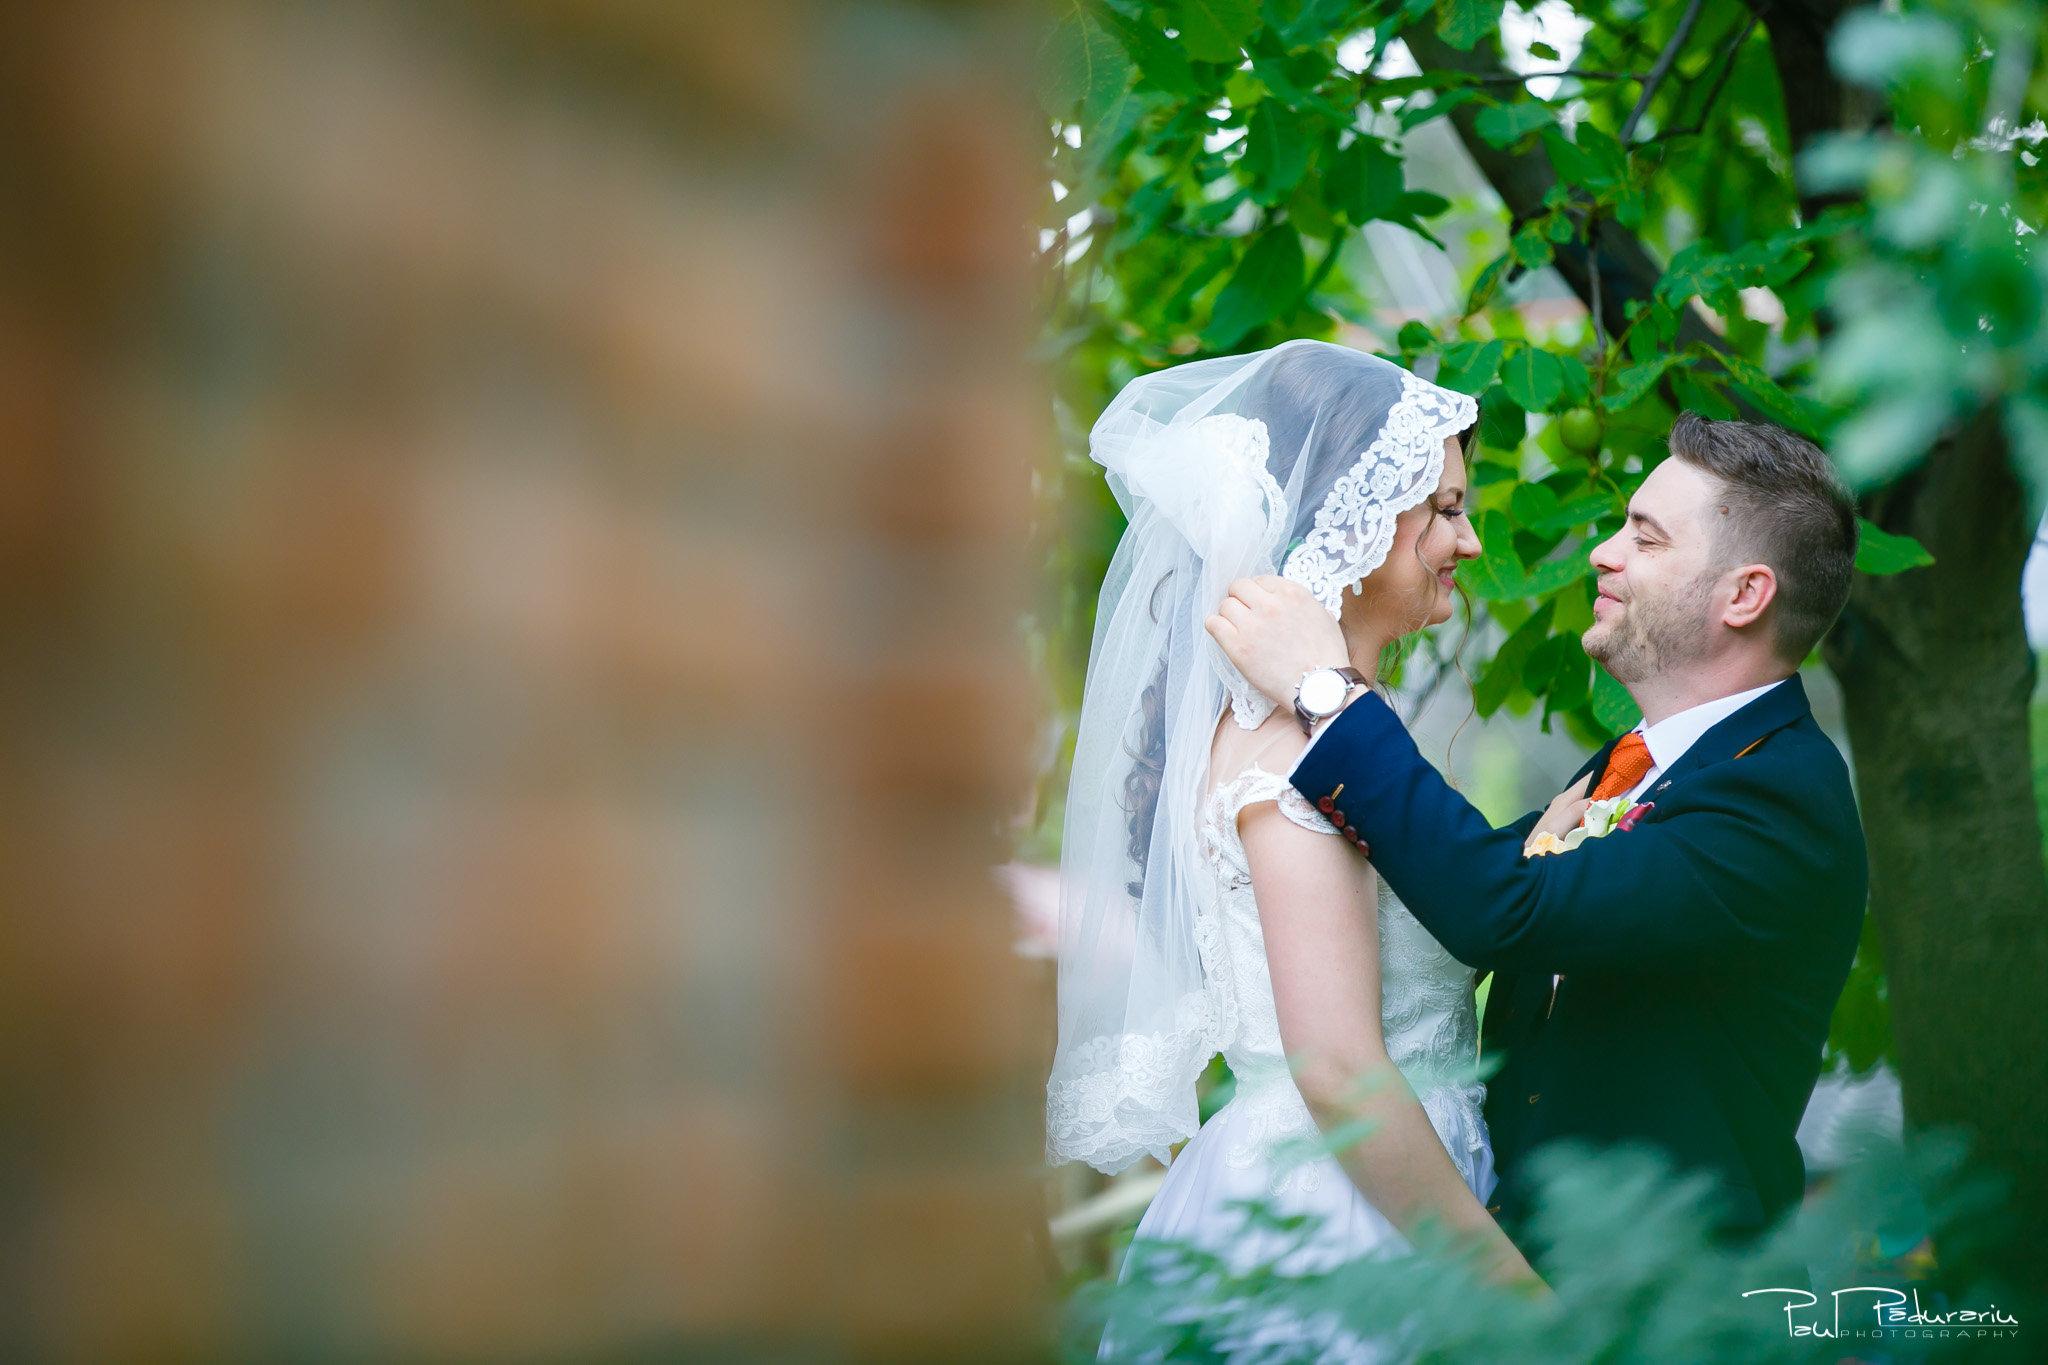 Ariadna si Iulian sedinta foto nunta Iasi www.paulpadurariu.ro © 2017 Paul Padurariu fotograf profesionist